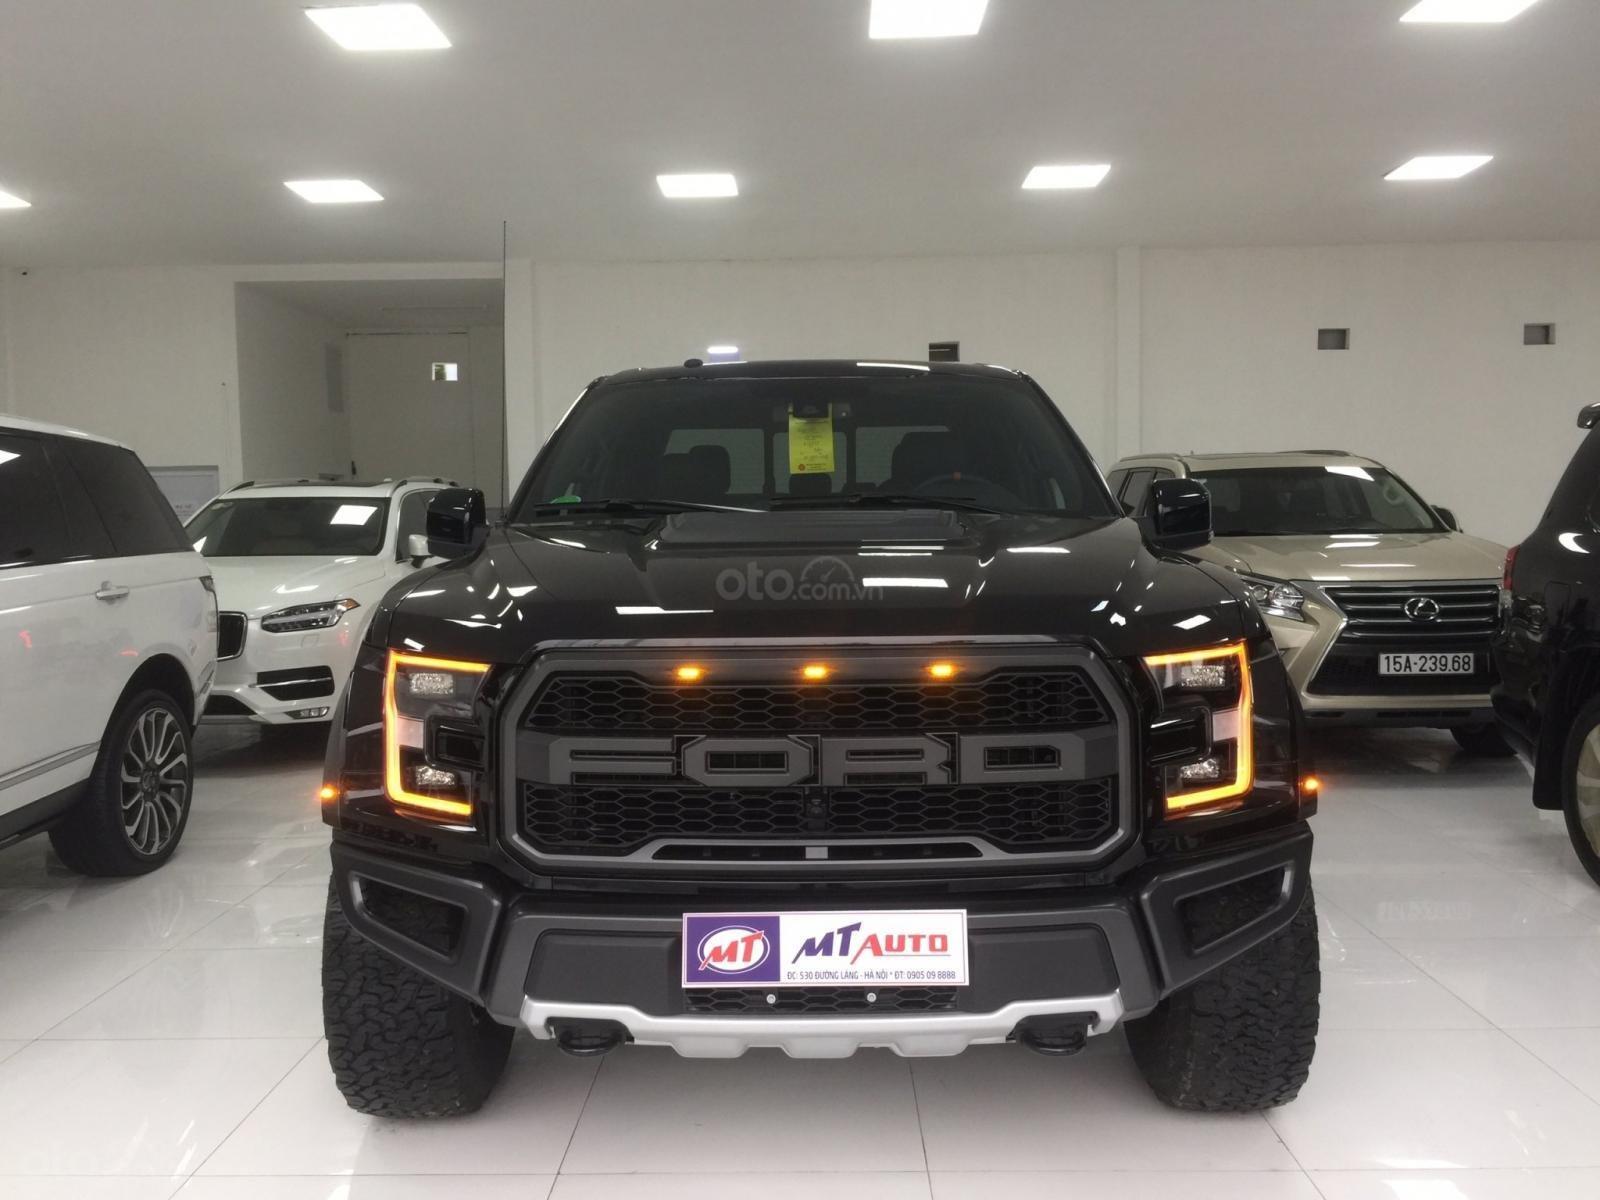 Bán siêu bán tải Ford F150 Raptor 2020, LH Ms Hương giá tốt giao ngay toàn quốc (1)